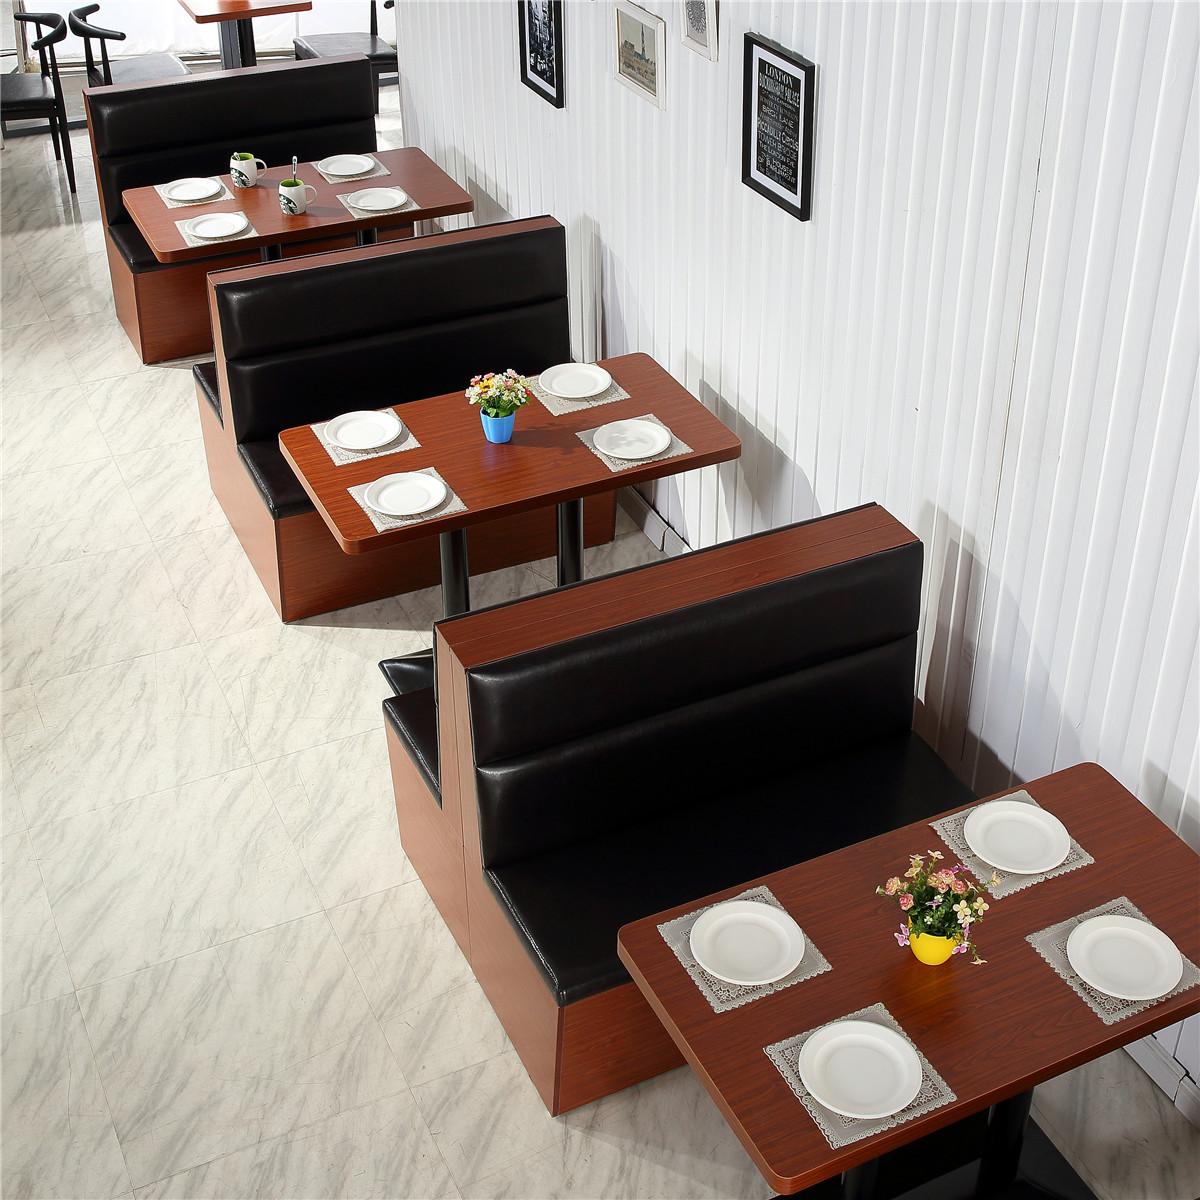 卡座沙发 咖啡厅西餐厅餐饮沙发 汉堡店奶茶店休闲餐厅牛角椅桌椅